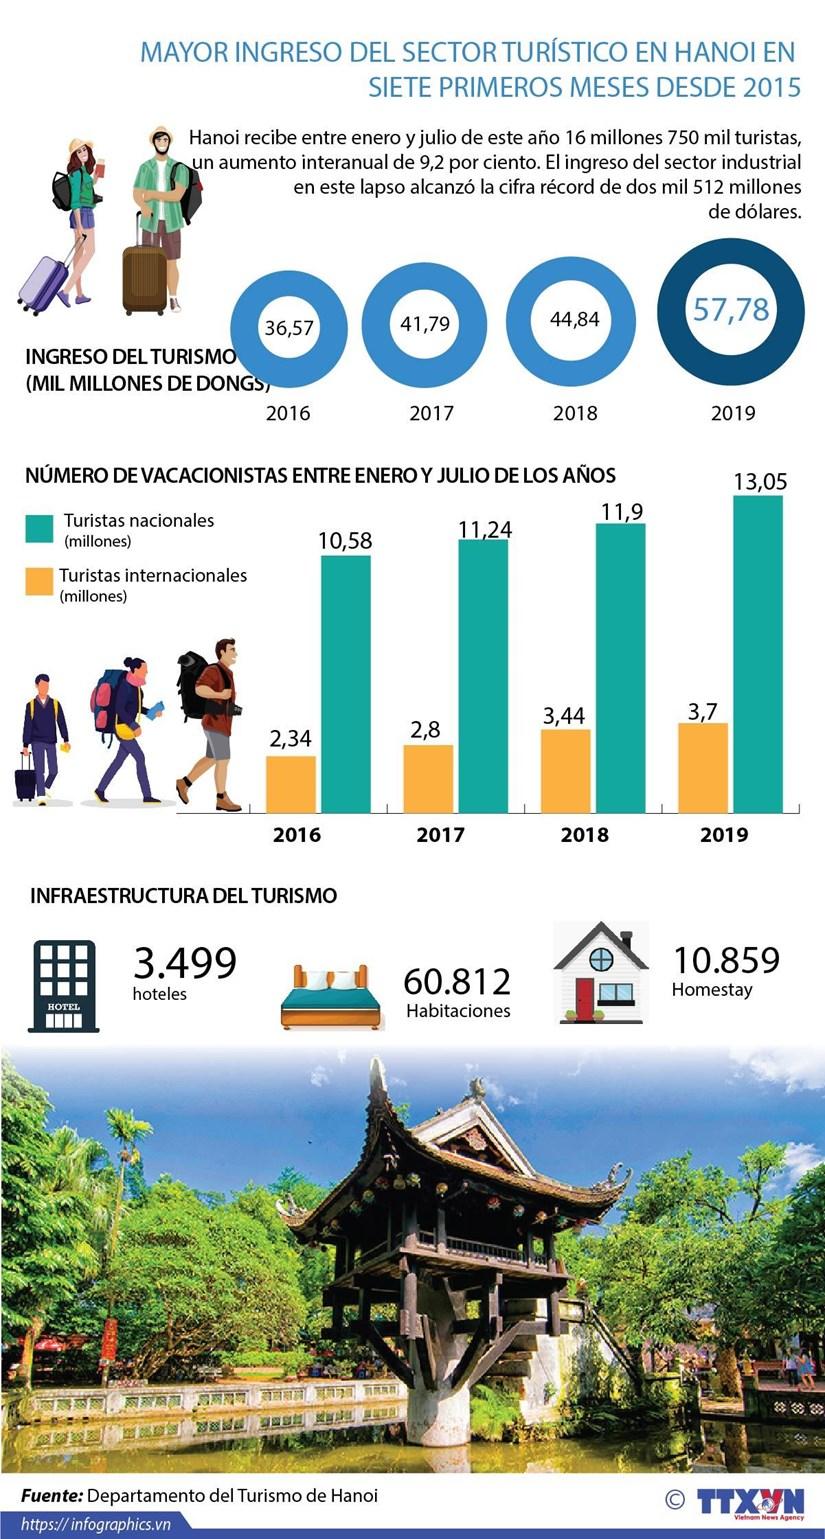 [Info] Mayor ingreso del sector turistico en Hanoi en siete primeros meses desde 2015 hinh anh 1